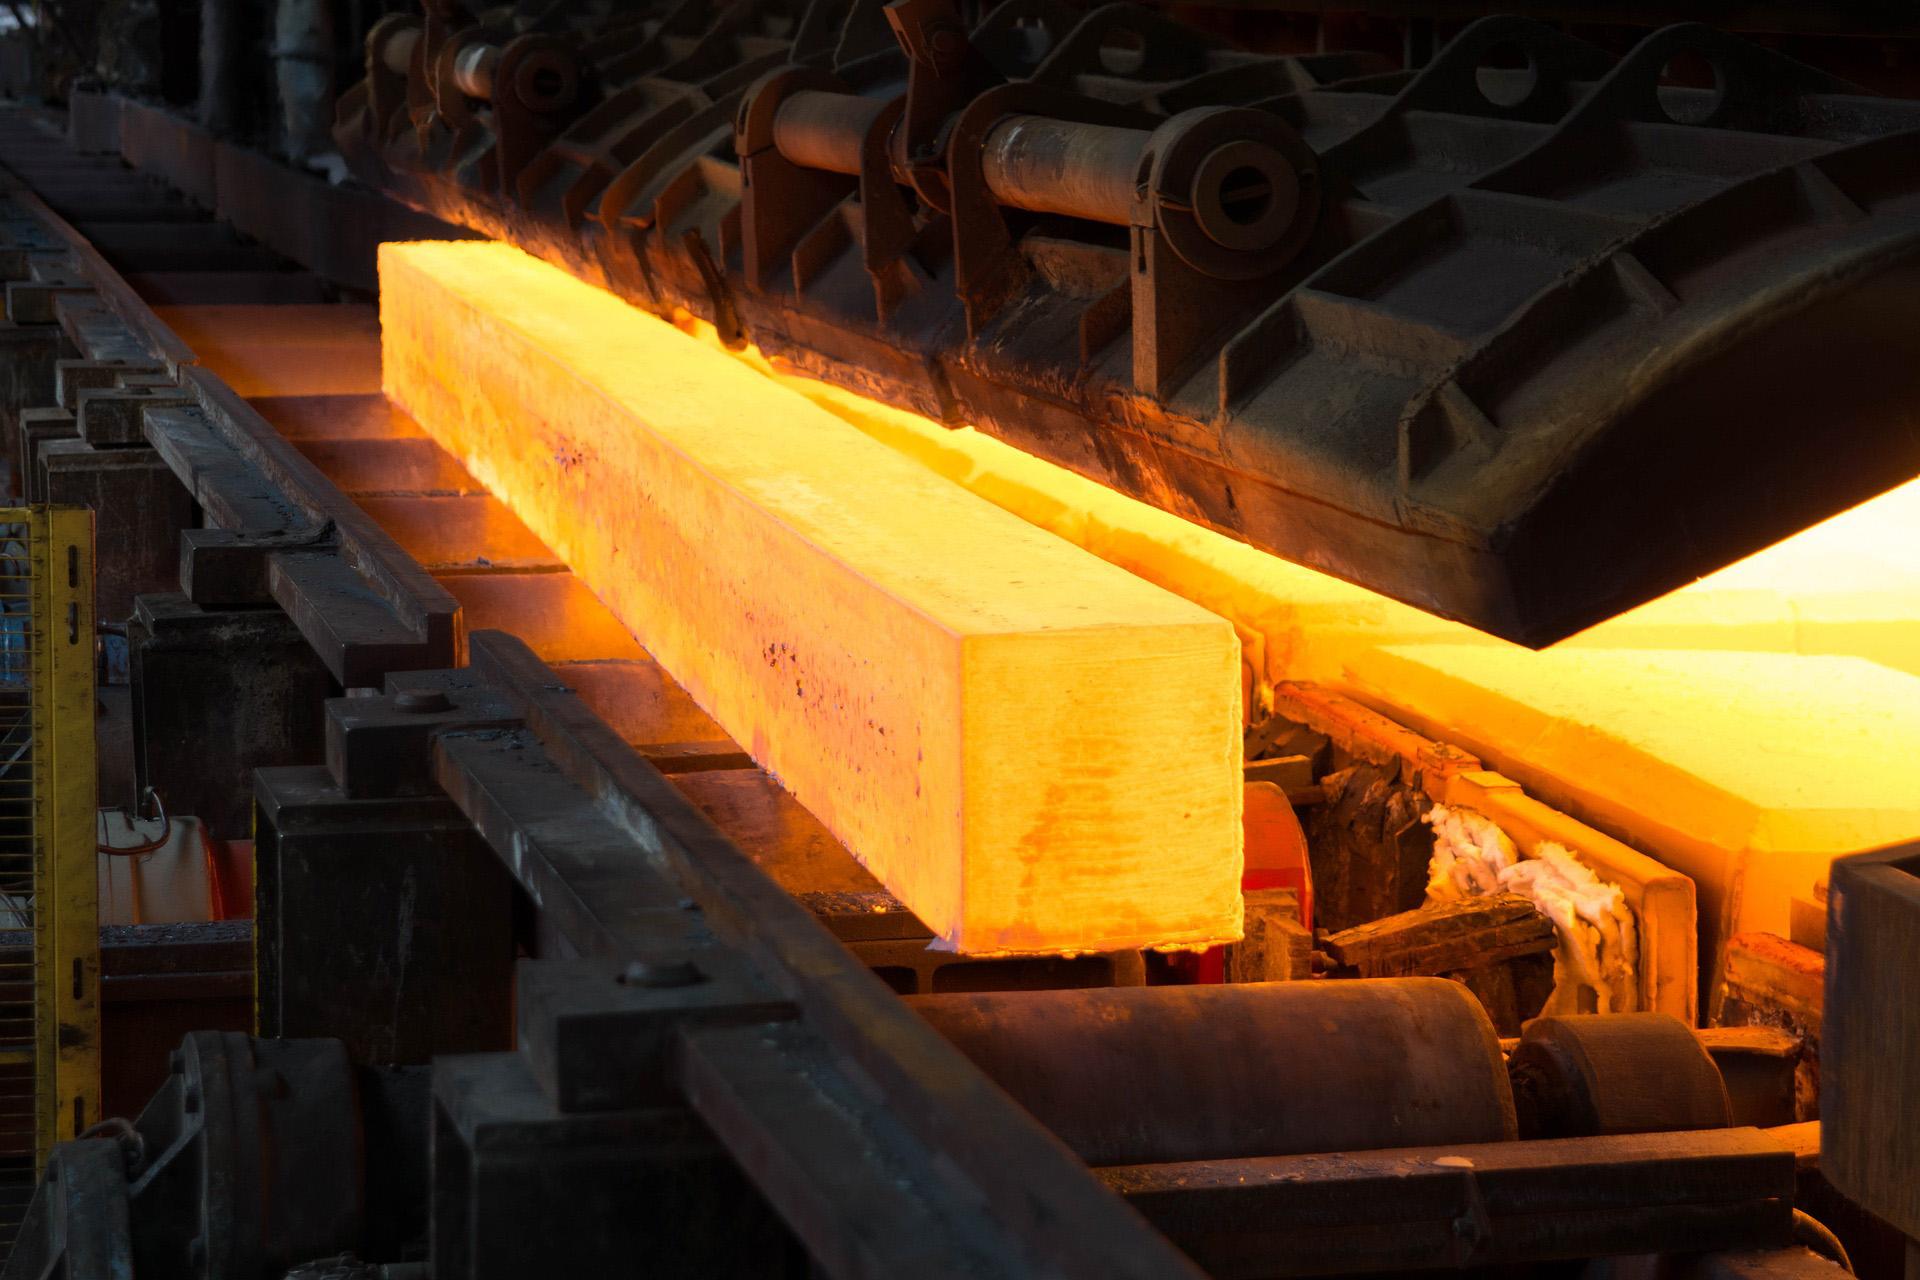 Алексей Кущ отметил, что Китай потребляет порядка 46% мирового производства стали